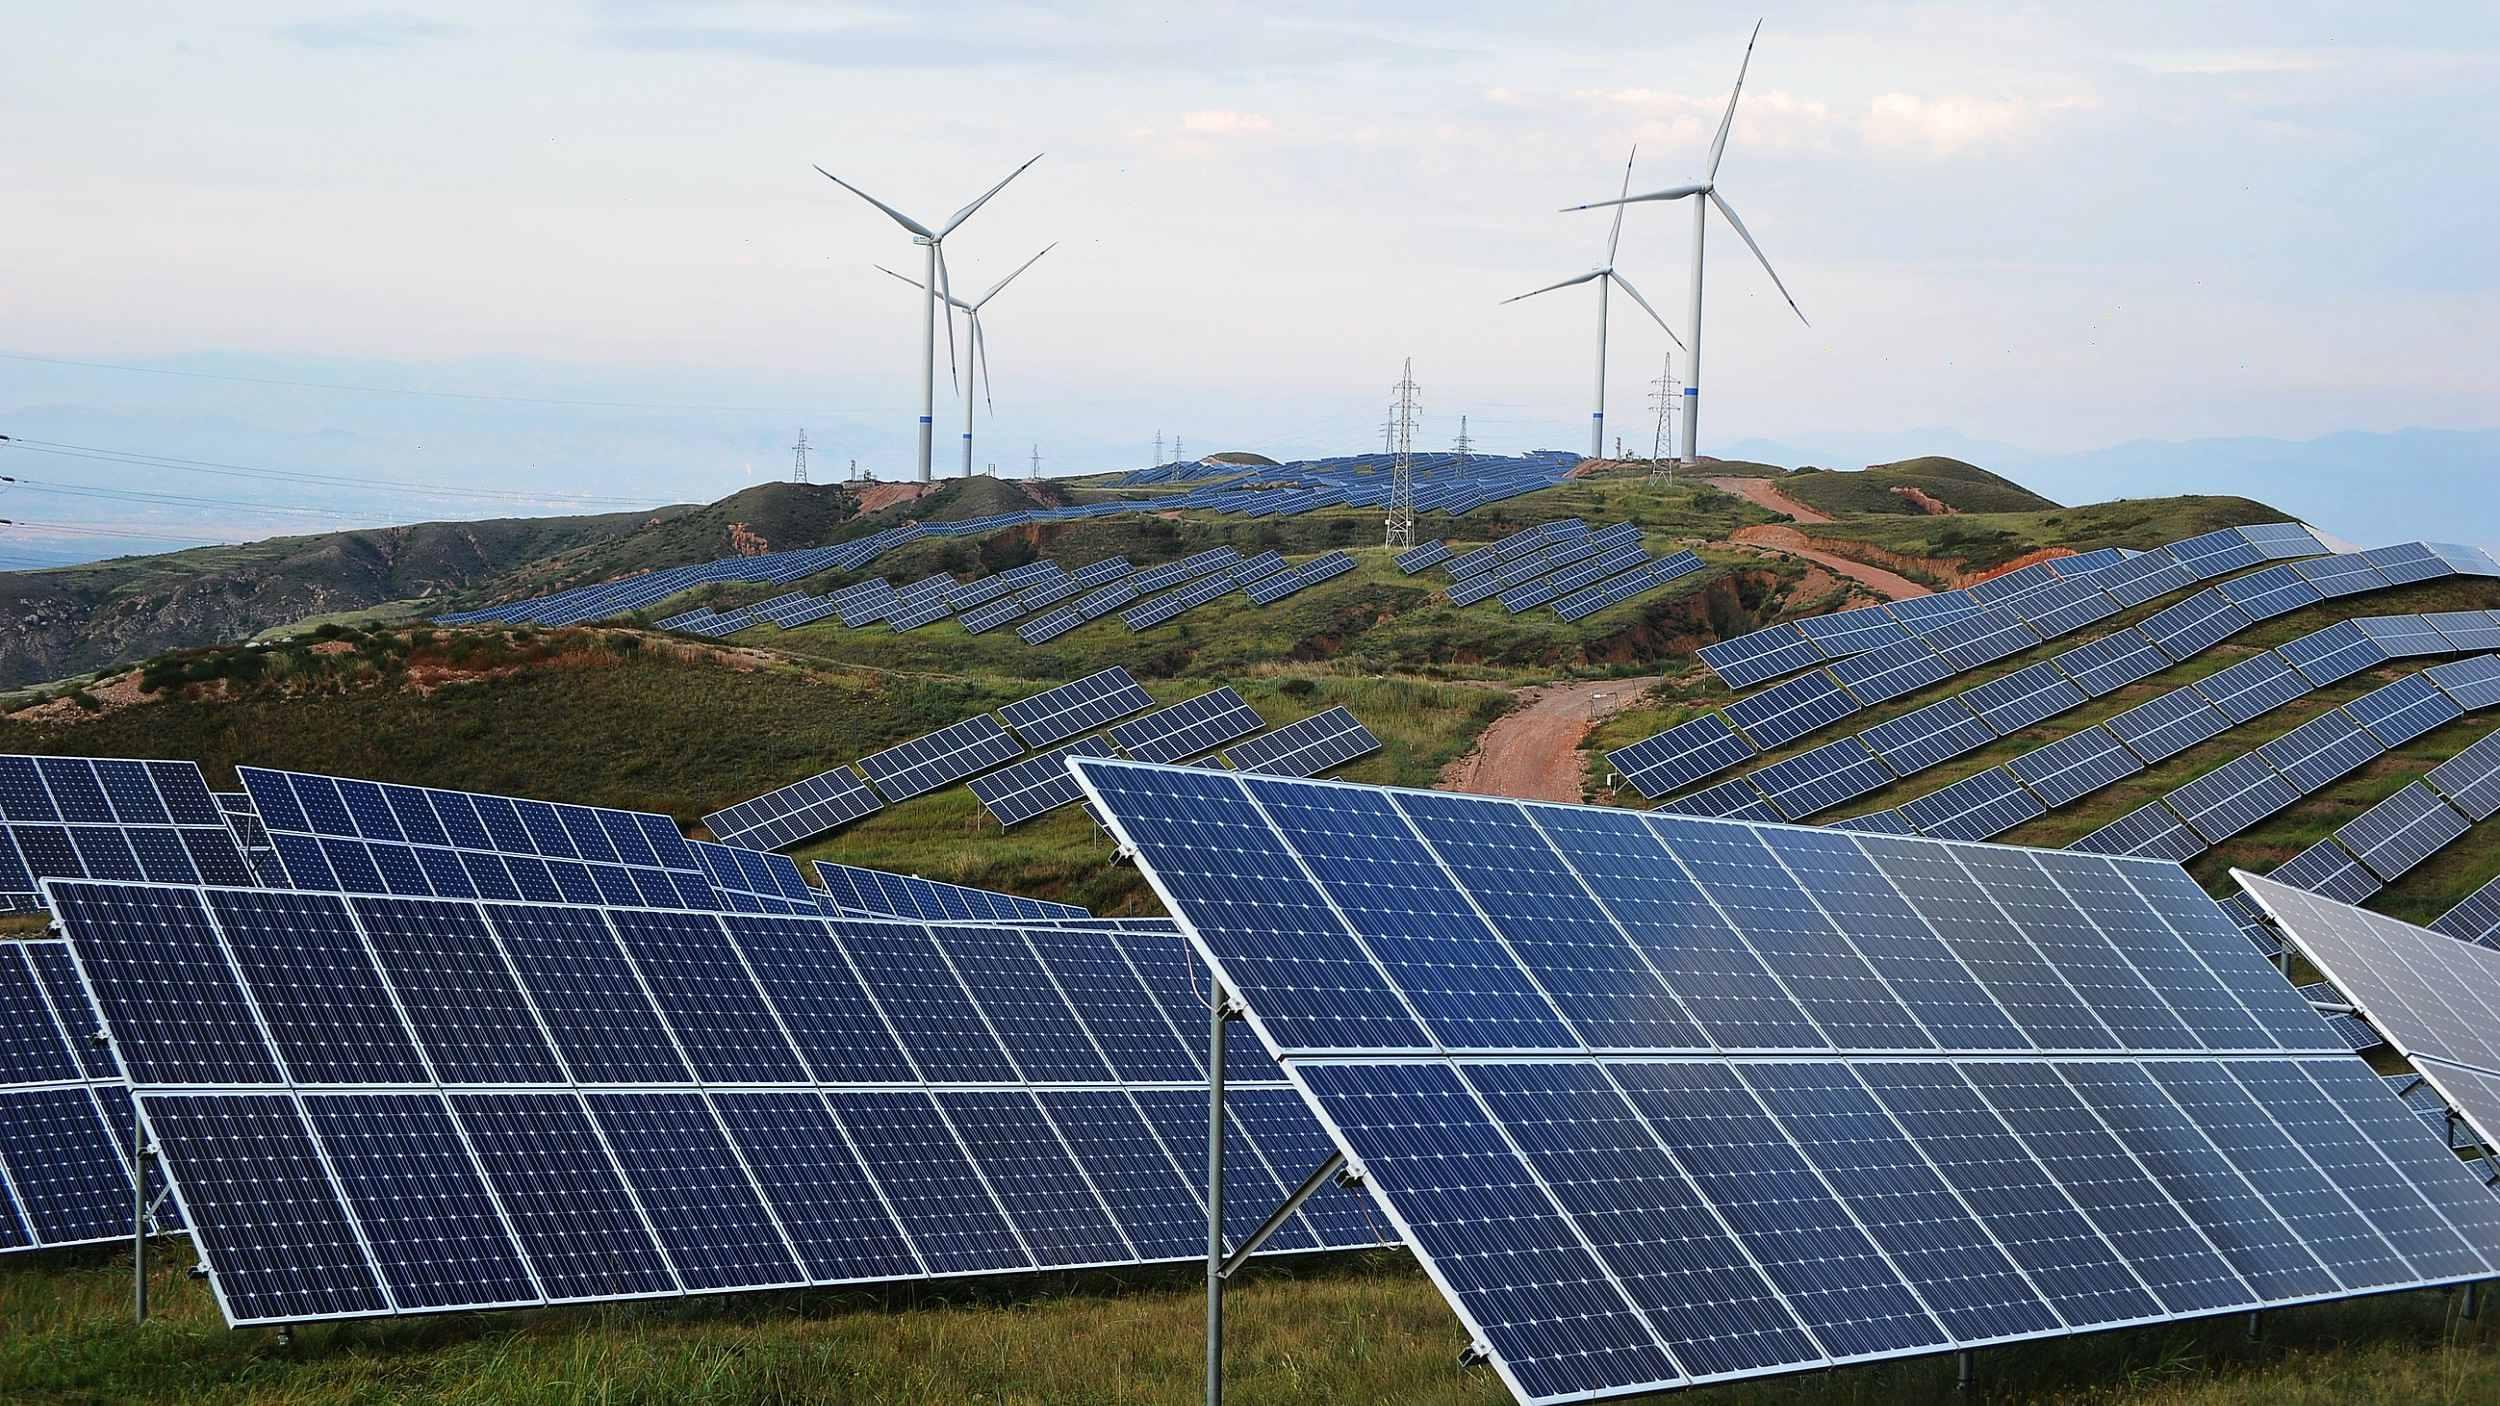 Tech billionaire rolling out renewable energy for Aussie bushfire communities